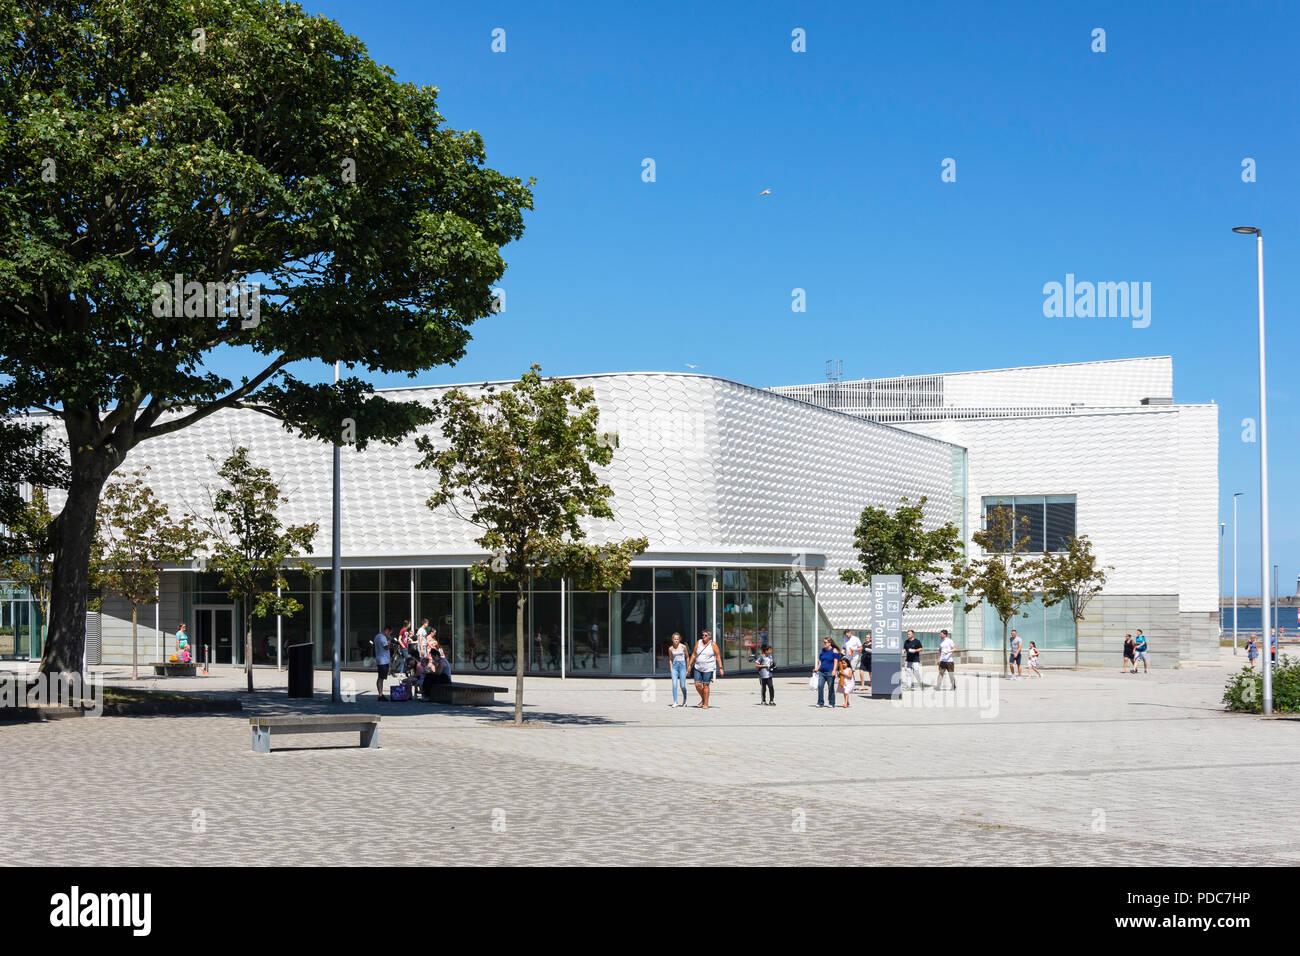 Eingang zum Hafen Punkt Kunst & Freizeitanlage, Pier Parade, South Shields, Tyne und Wear, England, Vereinigtes Königreich Stockbild